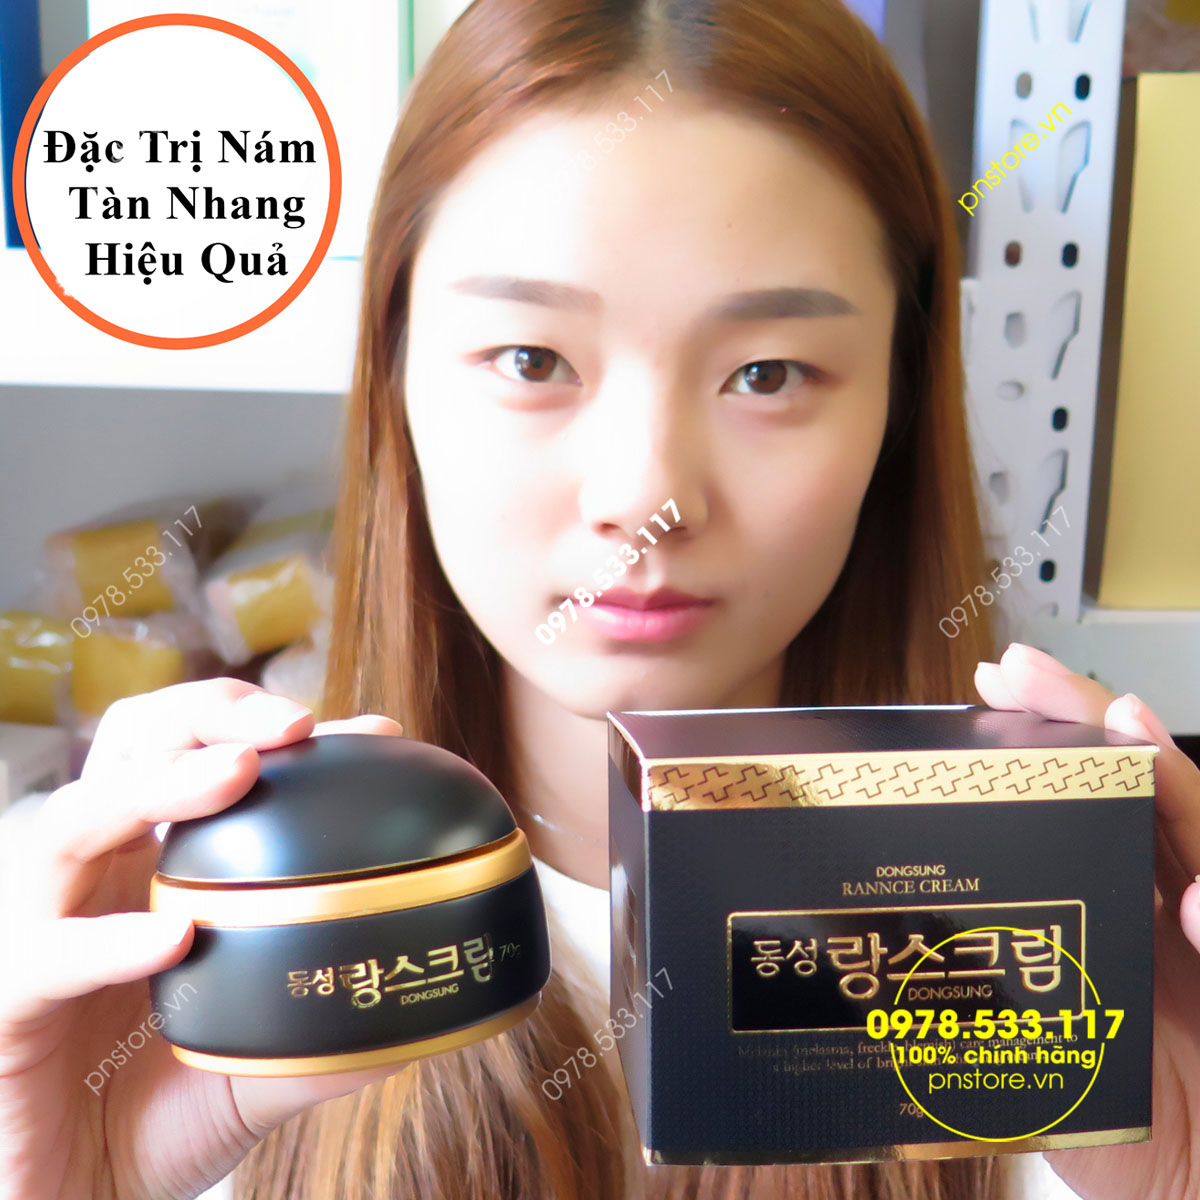 Kem Dongsung Rannce Cream trị nám và trắng da chính hãng Hàn Quốc